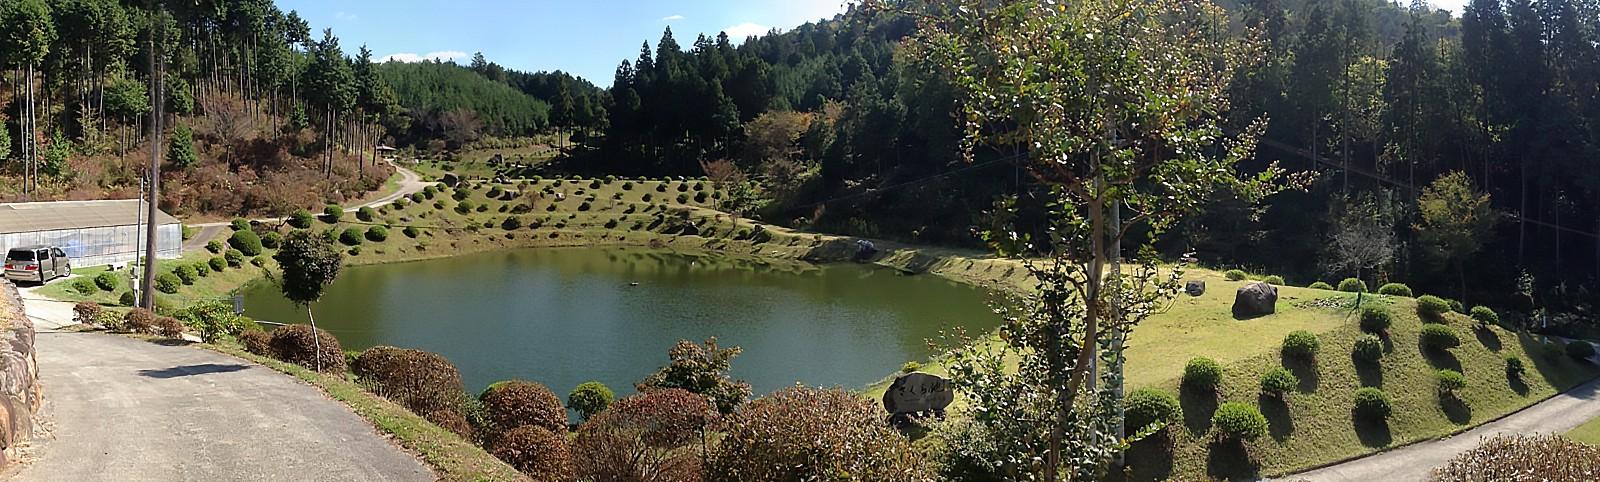 koi-japan-reis